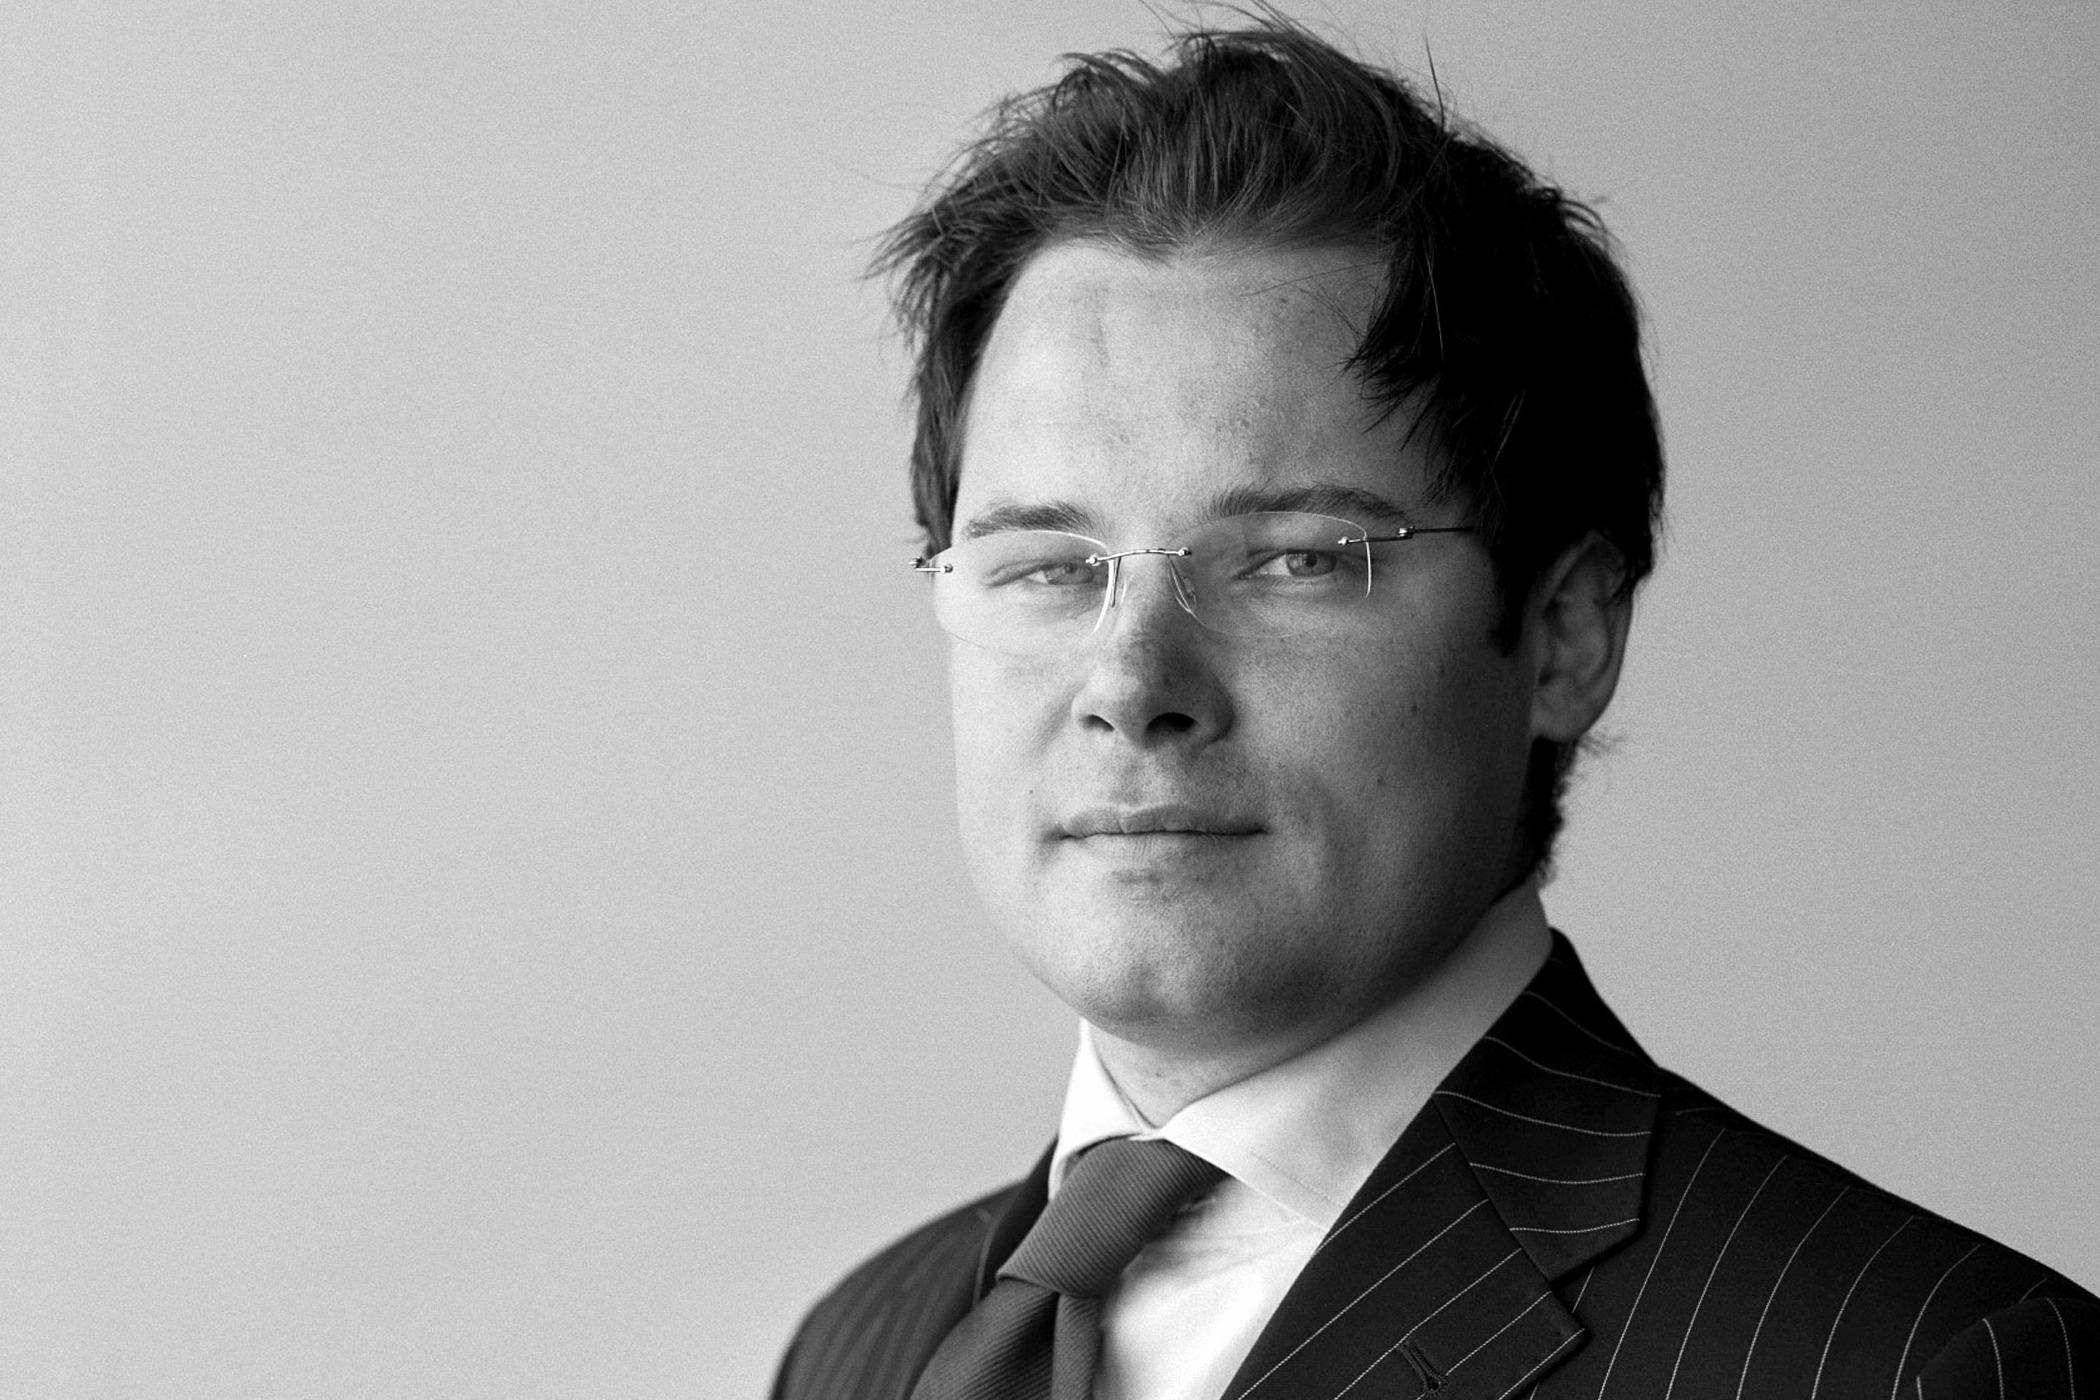 Fredrik Erixon [ECIPE]